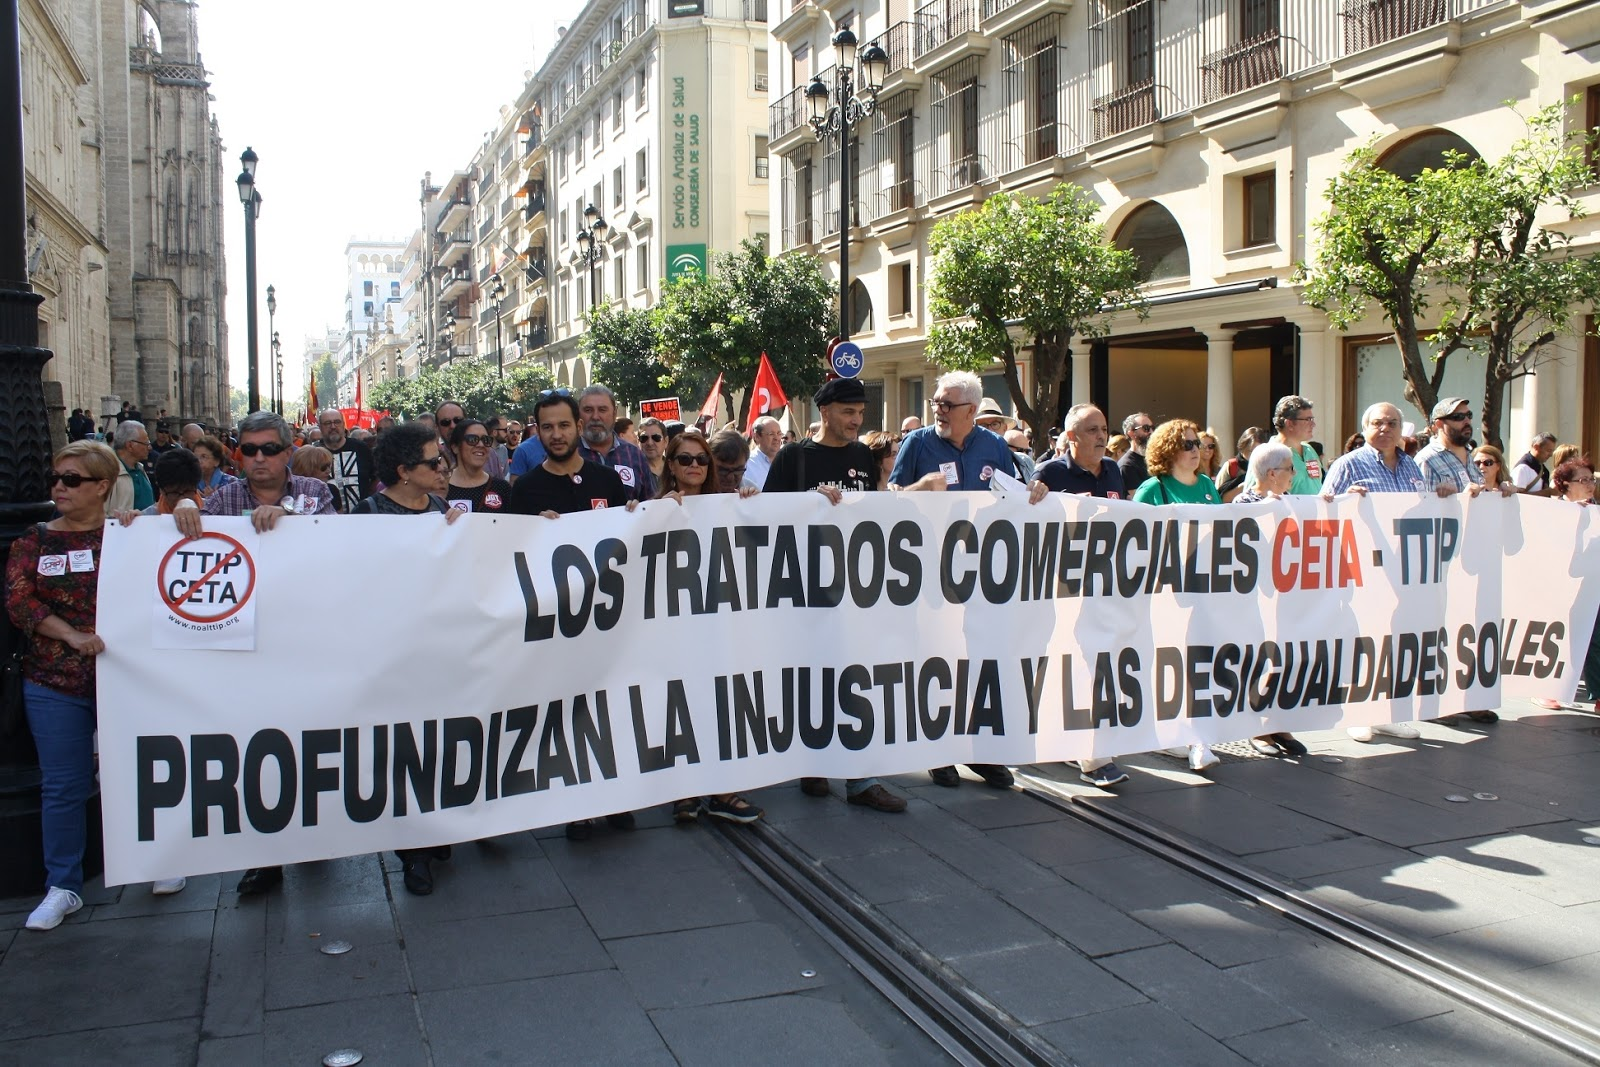 Manifestación 15.10.2016 niCETAniTTIP cabecera